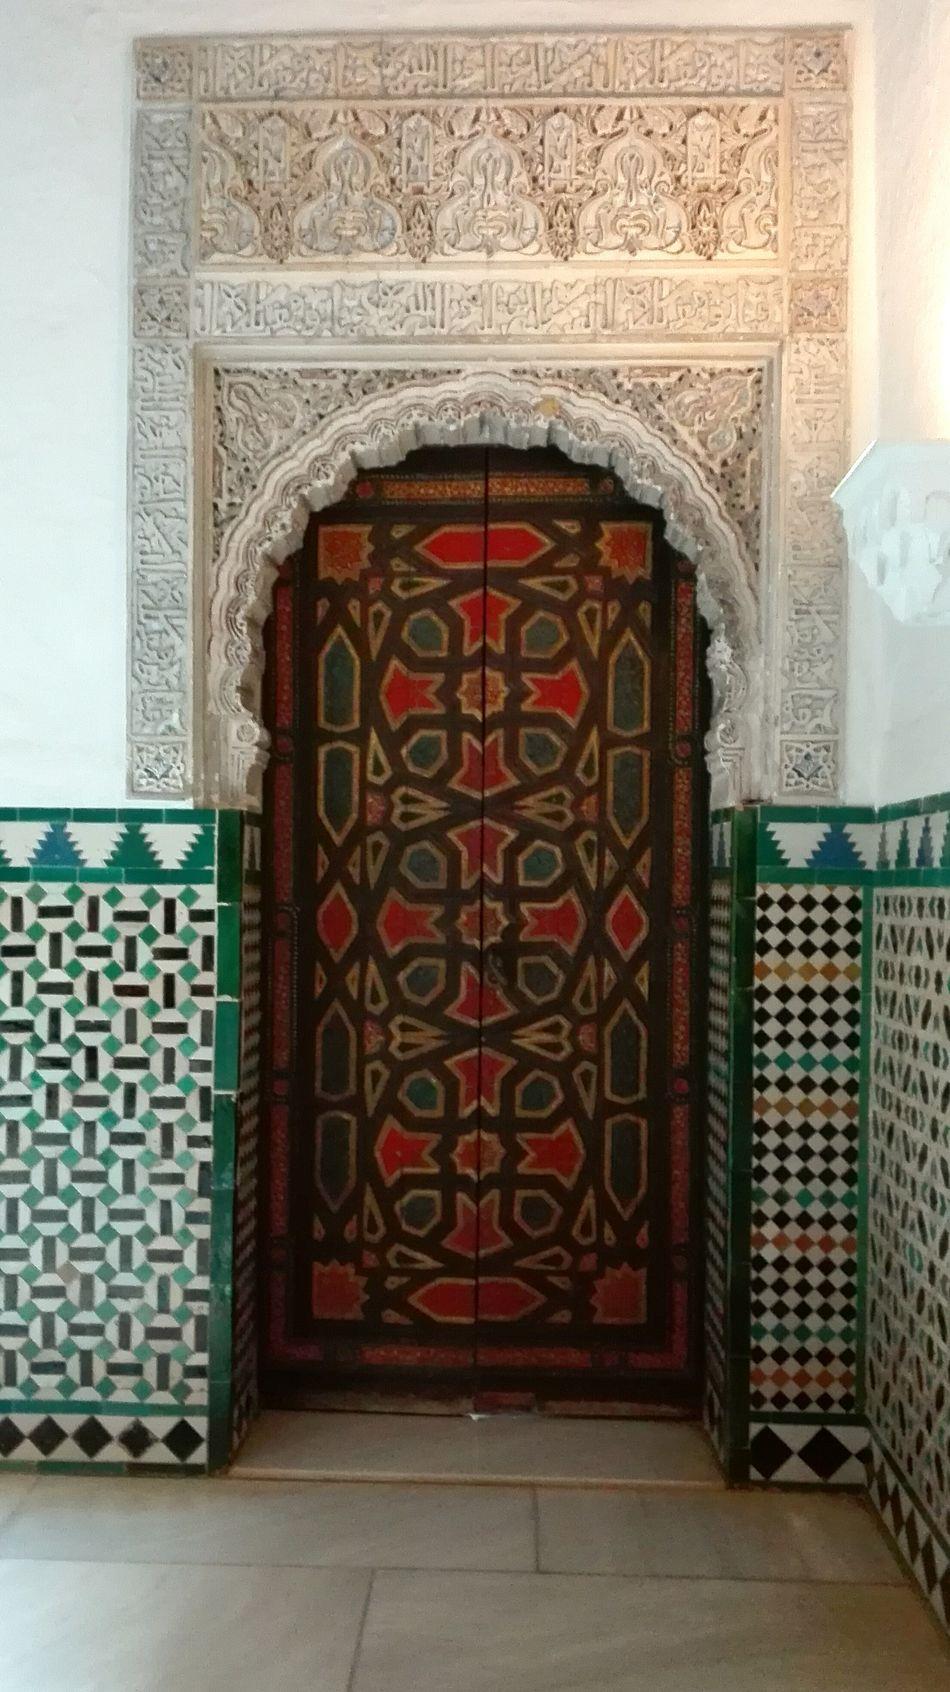 Door Doors Lover Doorsworldwide Doorcollector Doors From The Past Door With Story Doorporn Seville Sevilla Sevilla Spain Real Alcazar Realalcazar Realesalcazares